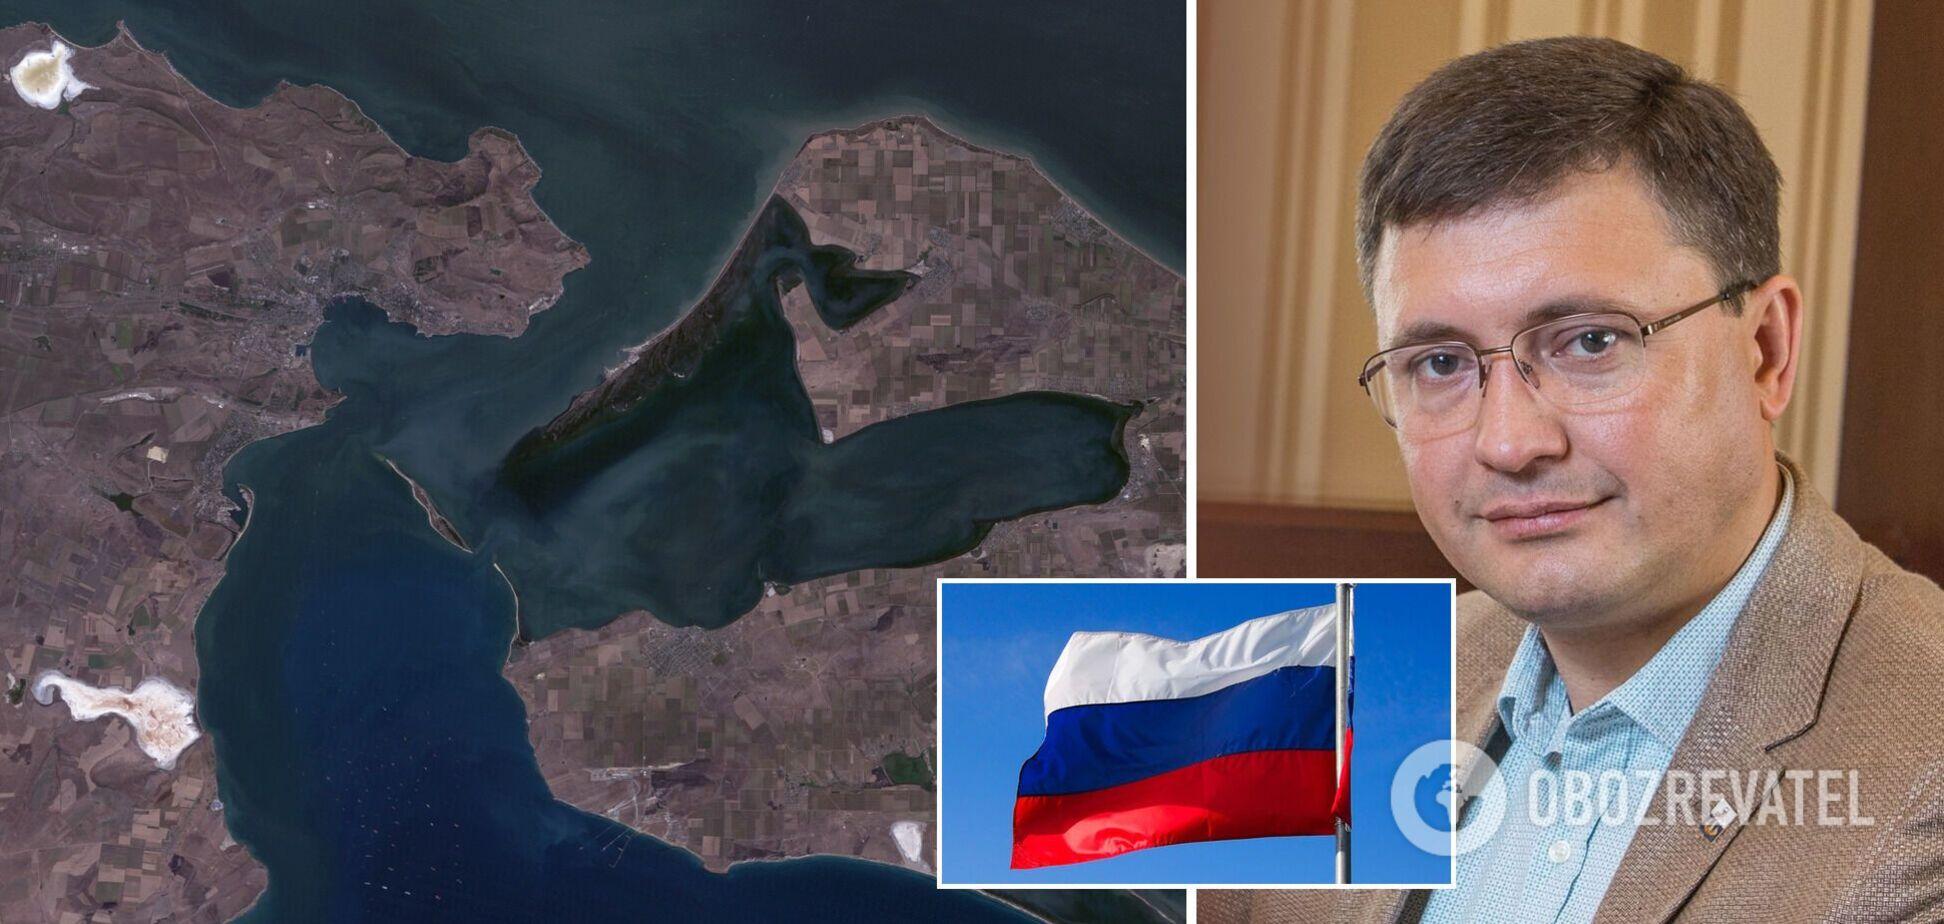 Мэр Мариуполя опроверг блокировку Россией Керченского пролива